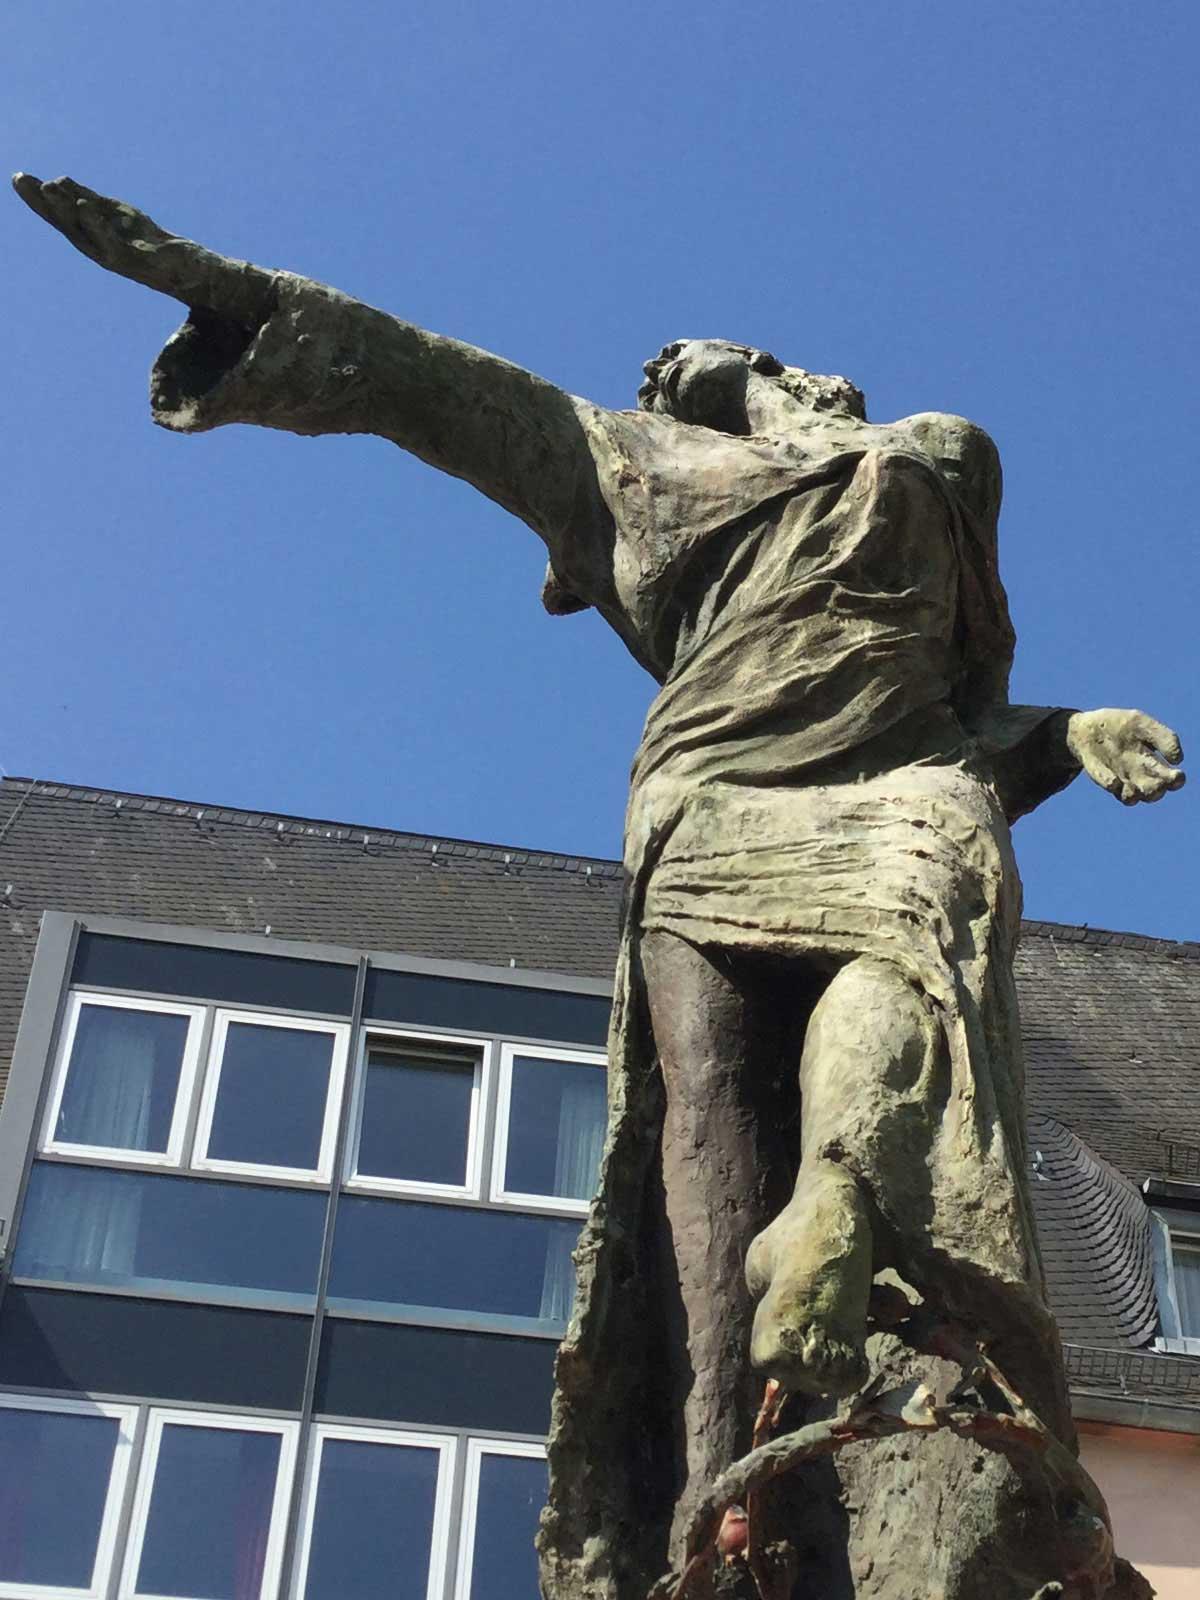 Seniorenzentrum-Bruder-Konrad-Stift-Statue-3